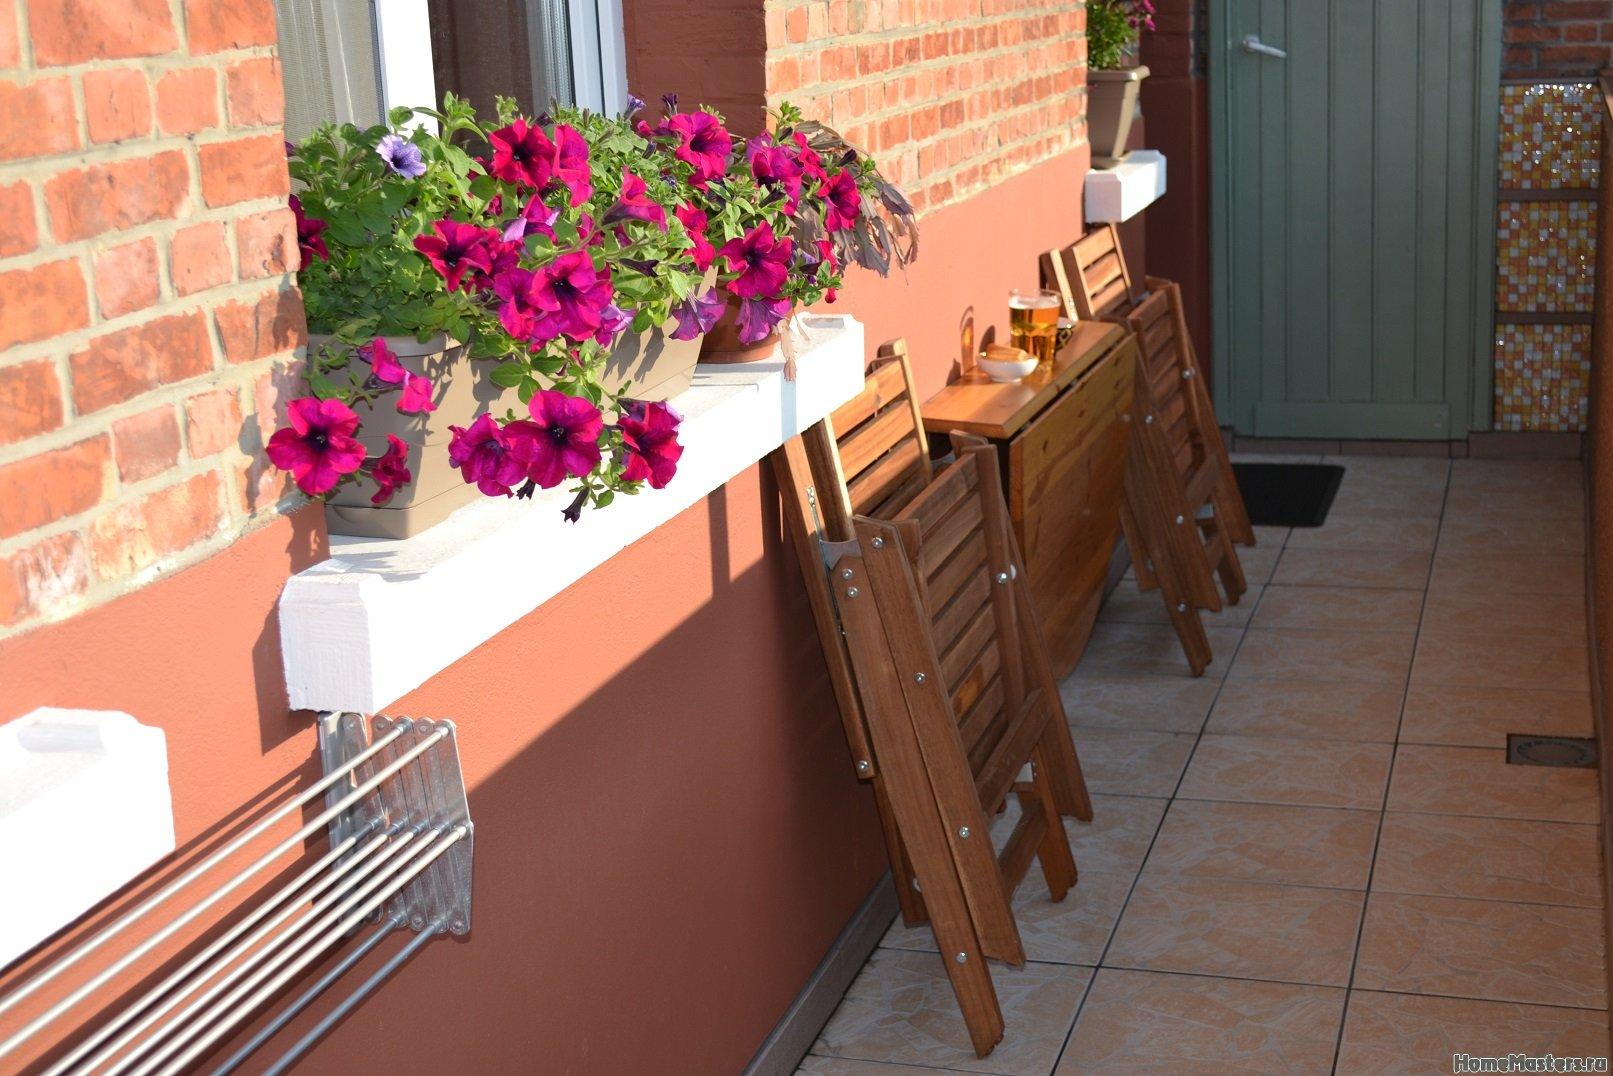 Ремонт балкона. Пол и стены. 051